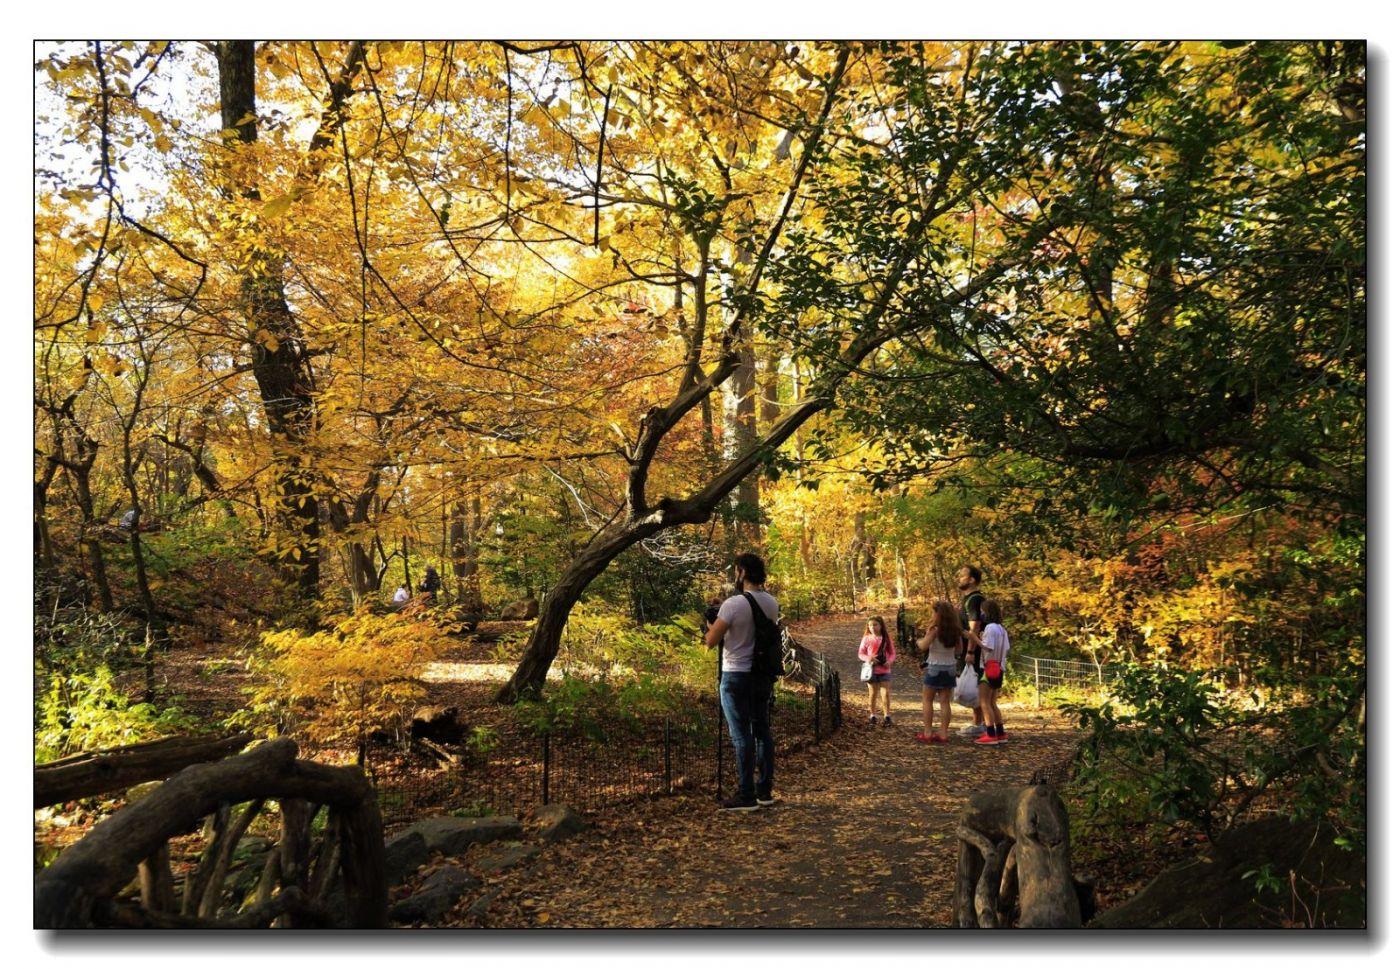 深秋色彩-中央公园2_图1-4